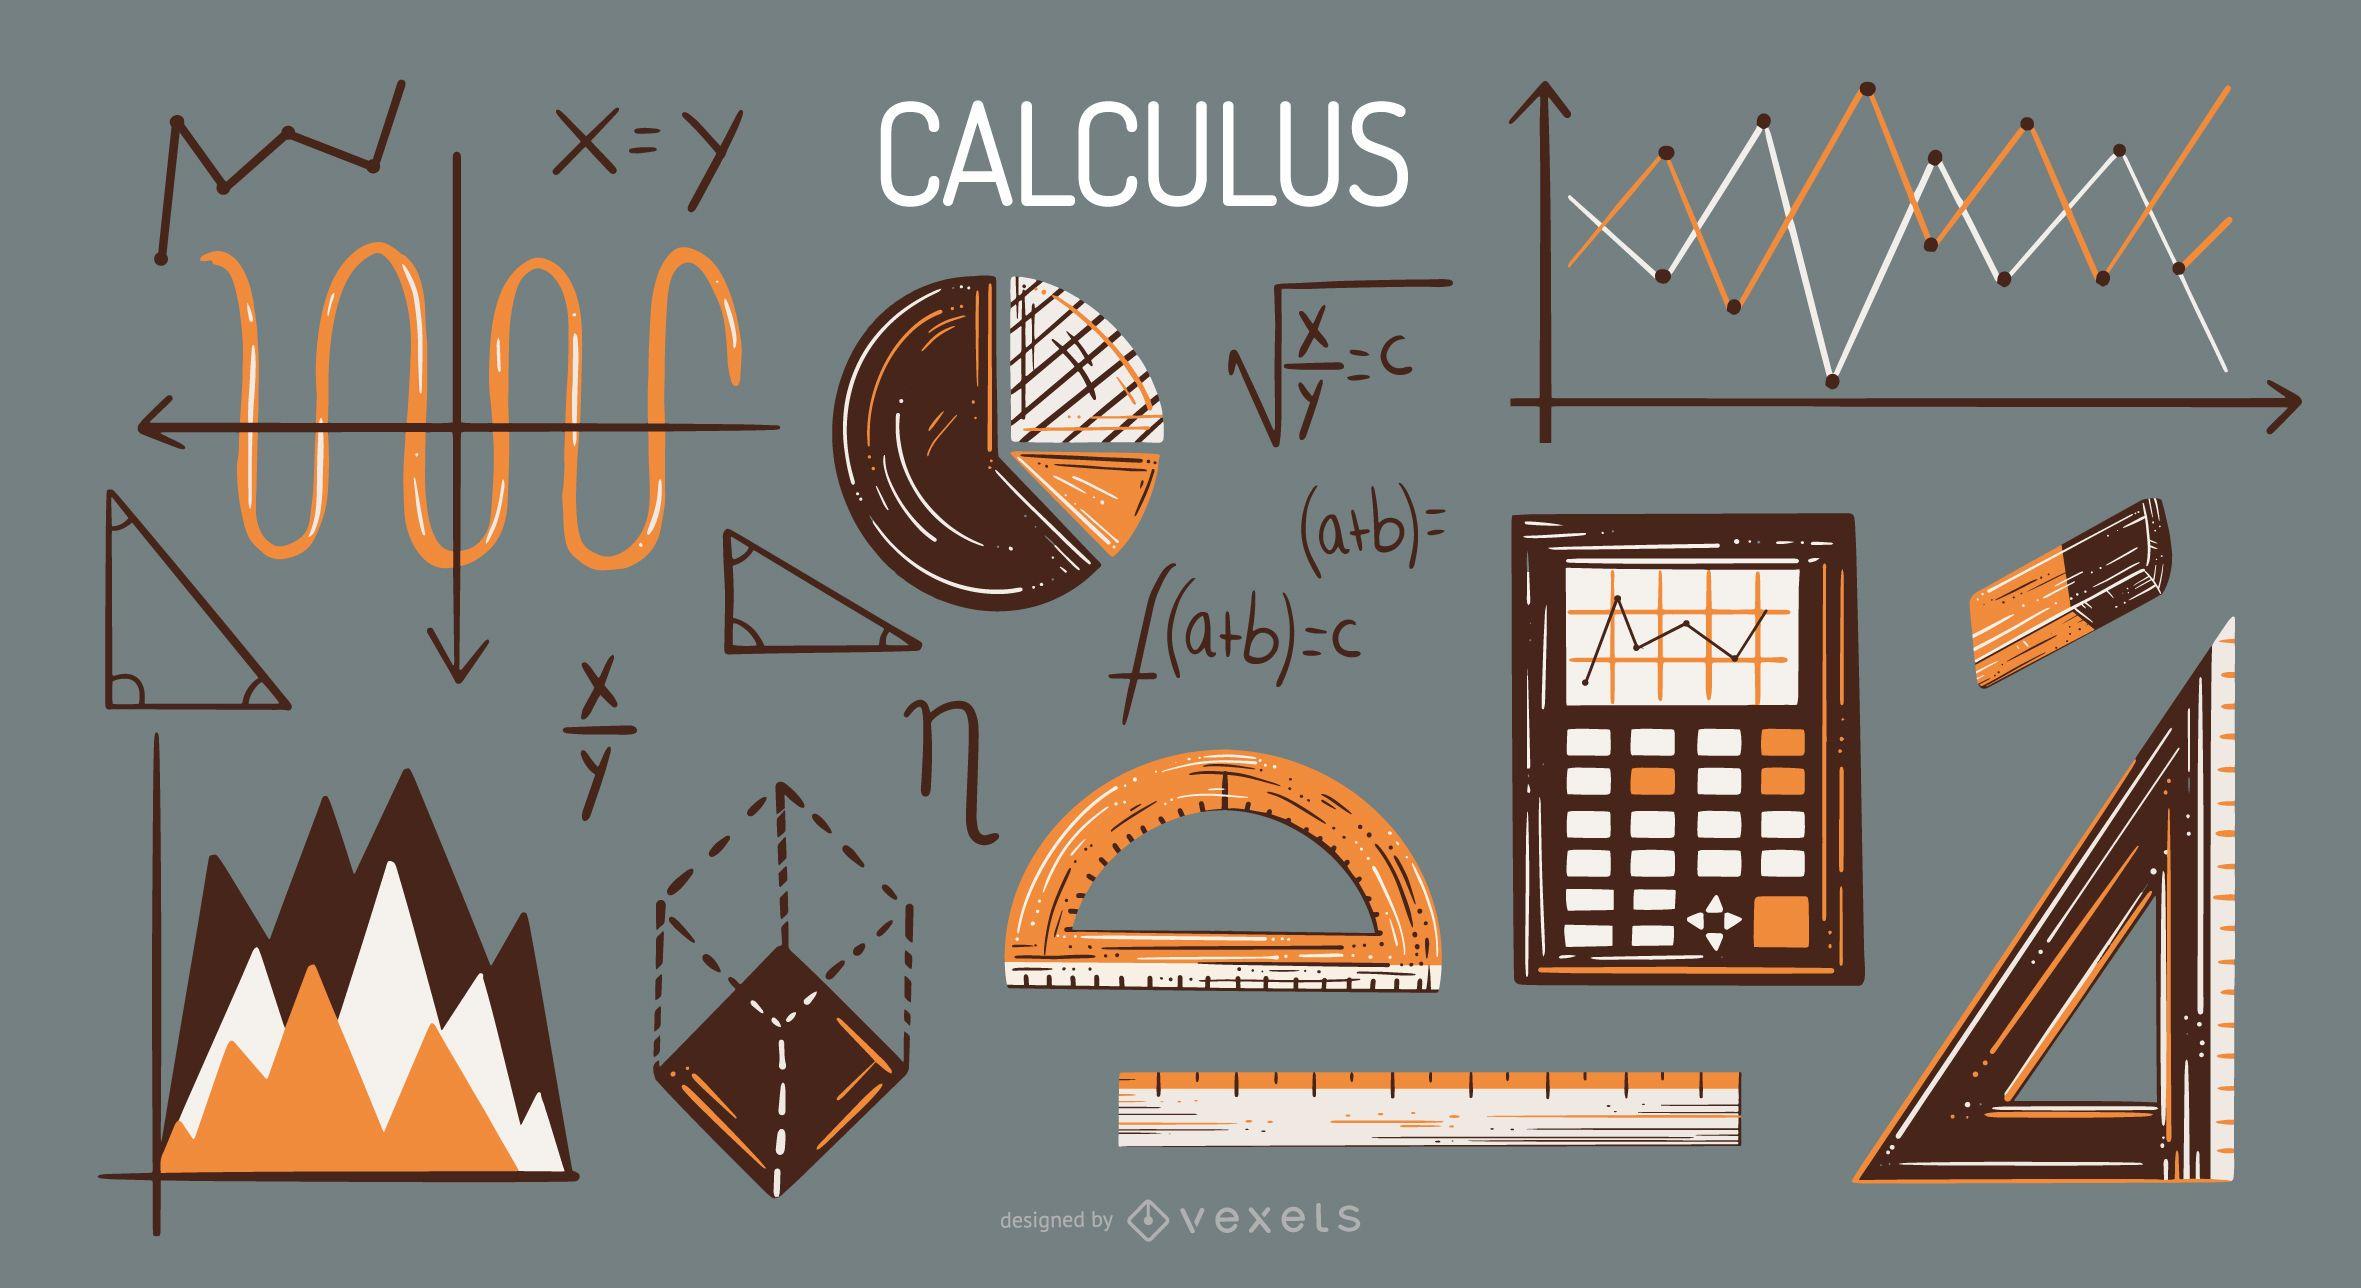 Calculus elements illustration set